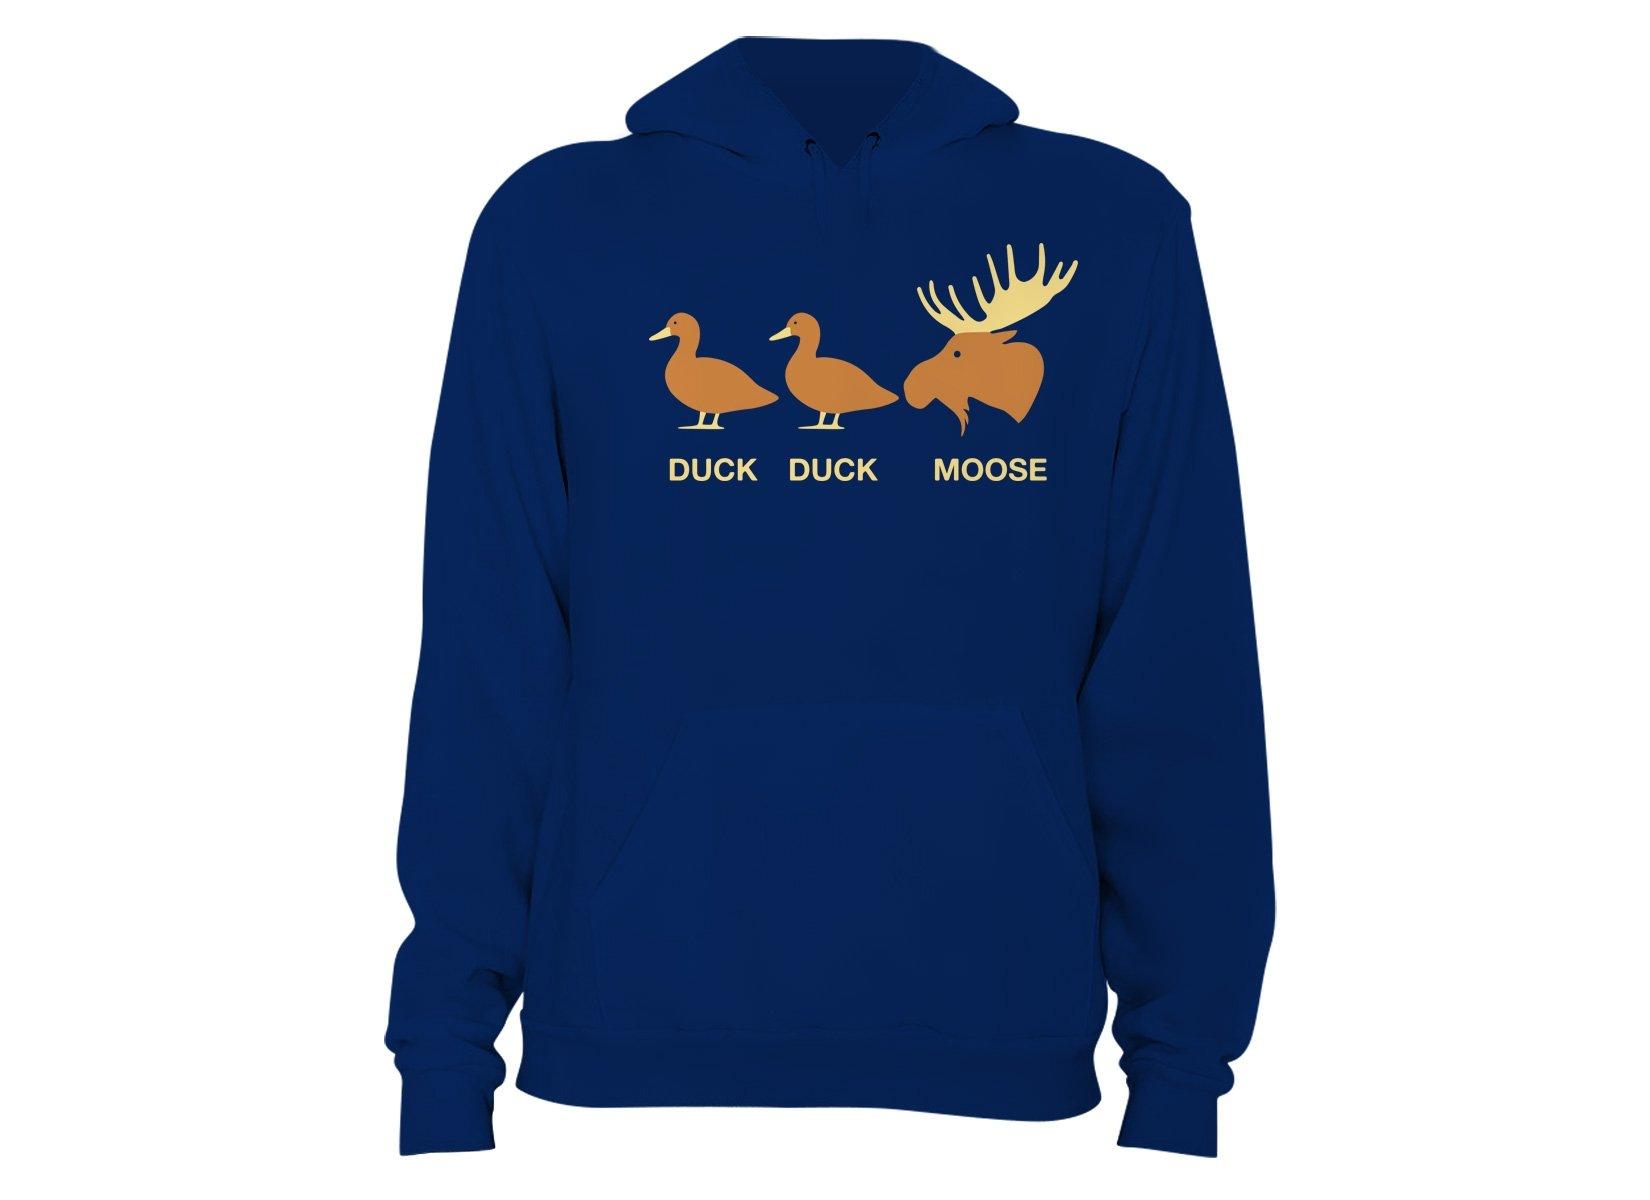 Duck Duck Moose on Hoodie